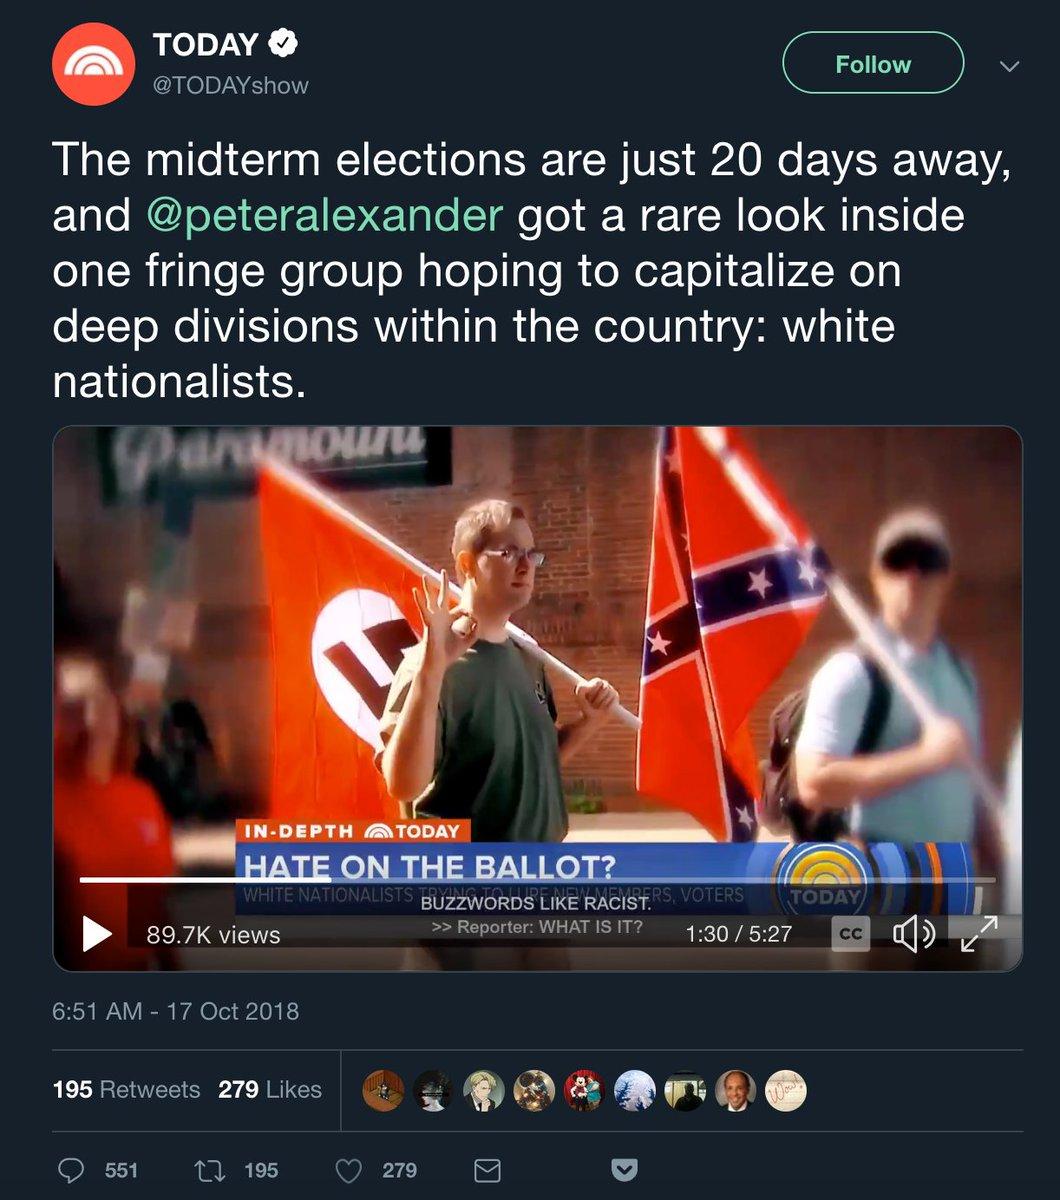 RT @ParkerMolloy: